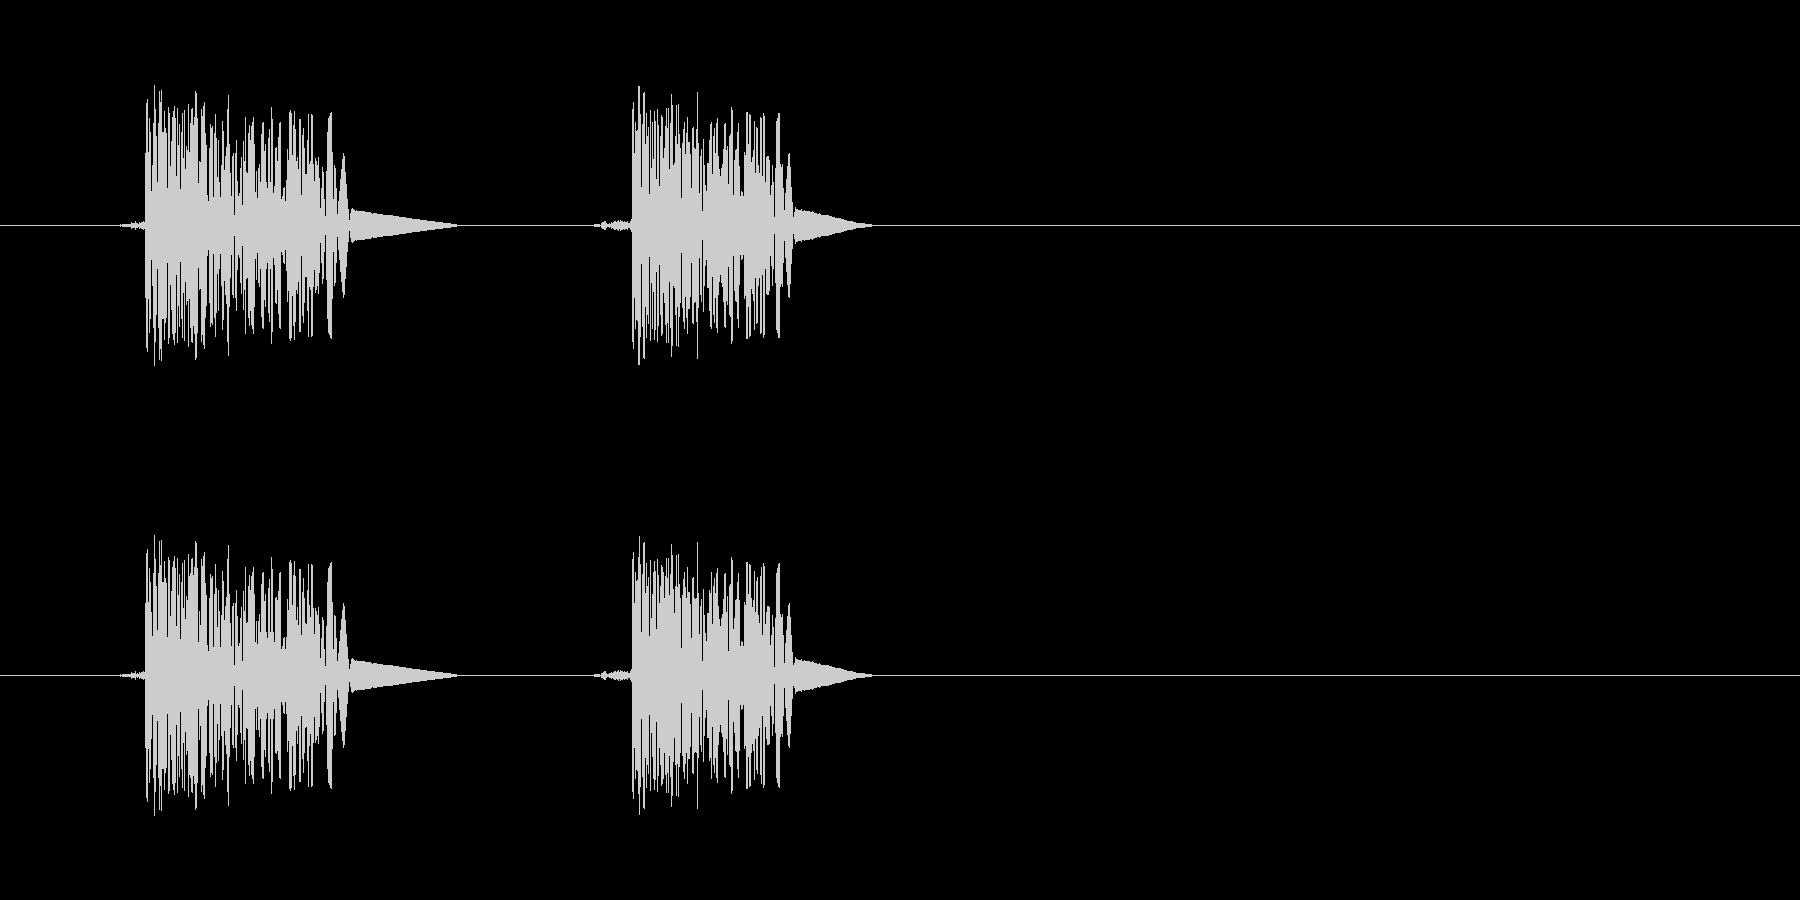 ファミコン系歩く音03 ループの未再生の波形